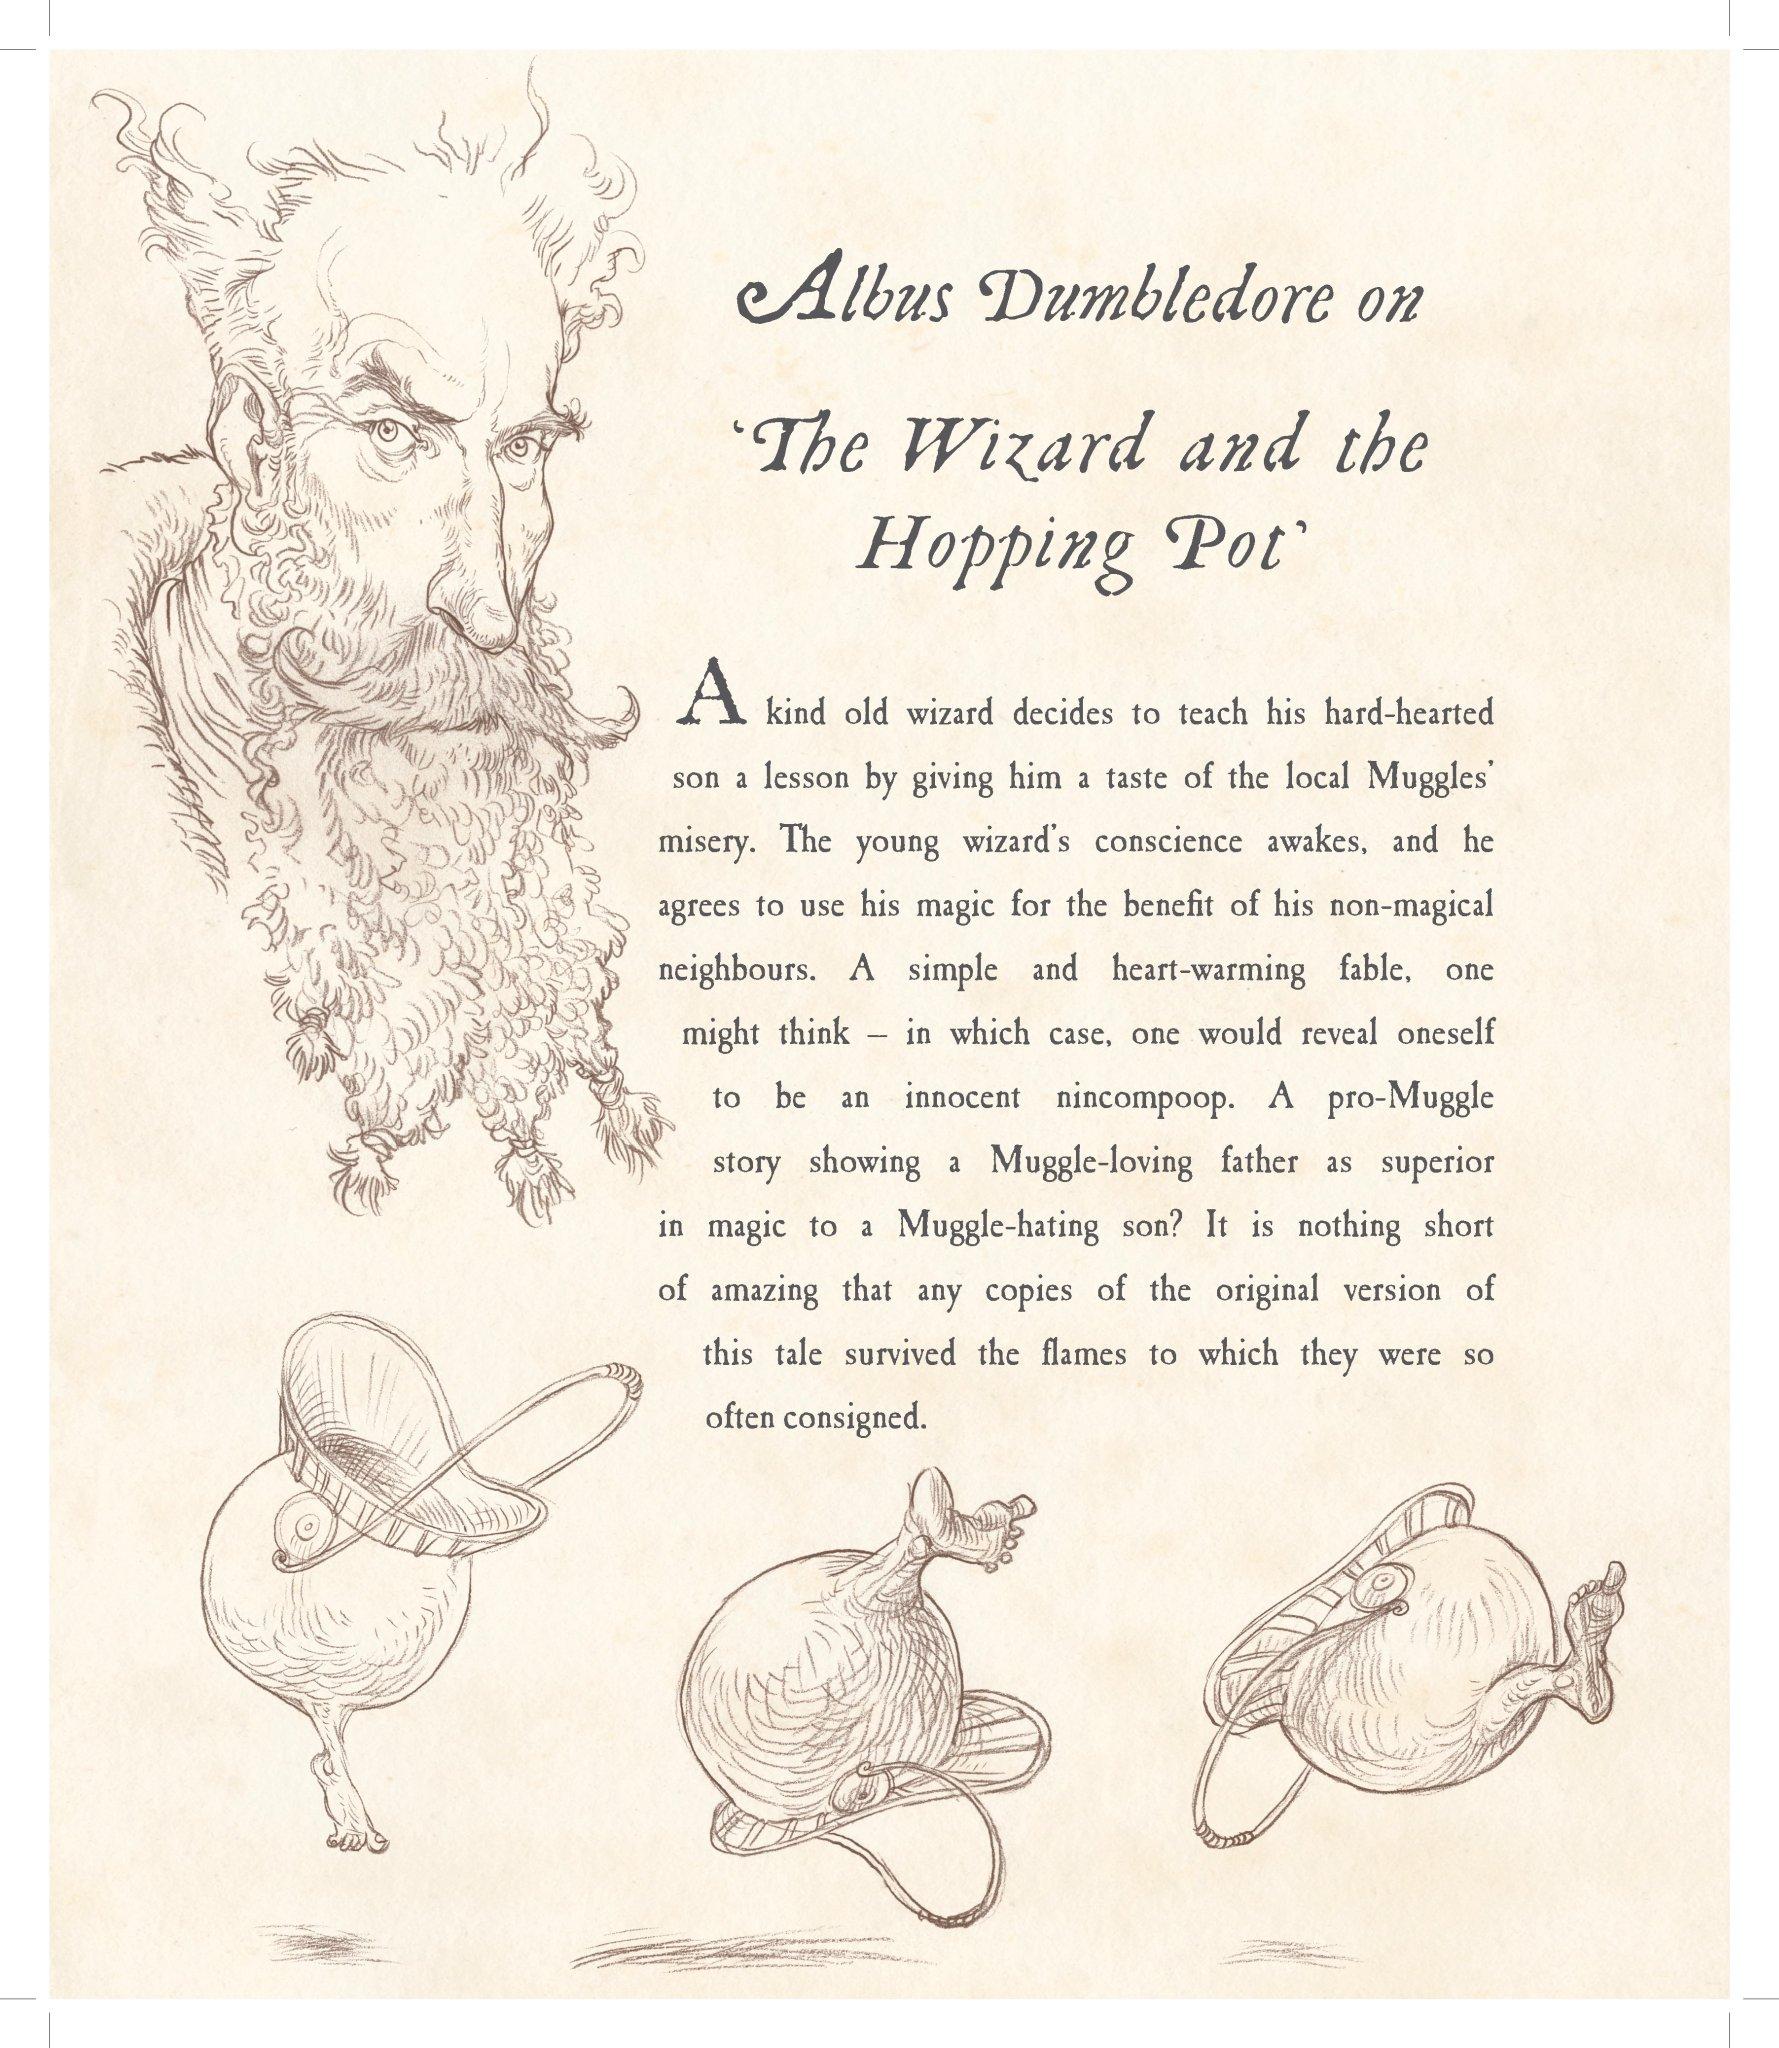 """Página da edição ilustrada de Os Contos de Beedle, o bardo. Trata-se dos comentários de Alvo Dumbledore sobre o conto """"O Bruxo e o Caldeirão Saltitante"""". Na página, que não é colorida, vemos o retrato de um homem, de barba longa e aparentando idade média ou avançada. Na parte de baixo, três desenhos do caldeirão simulando seus pulos (cada desenho mostra o caldeirão num lugar diferente do ar)."""